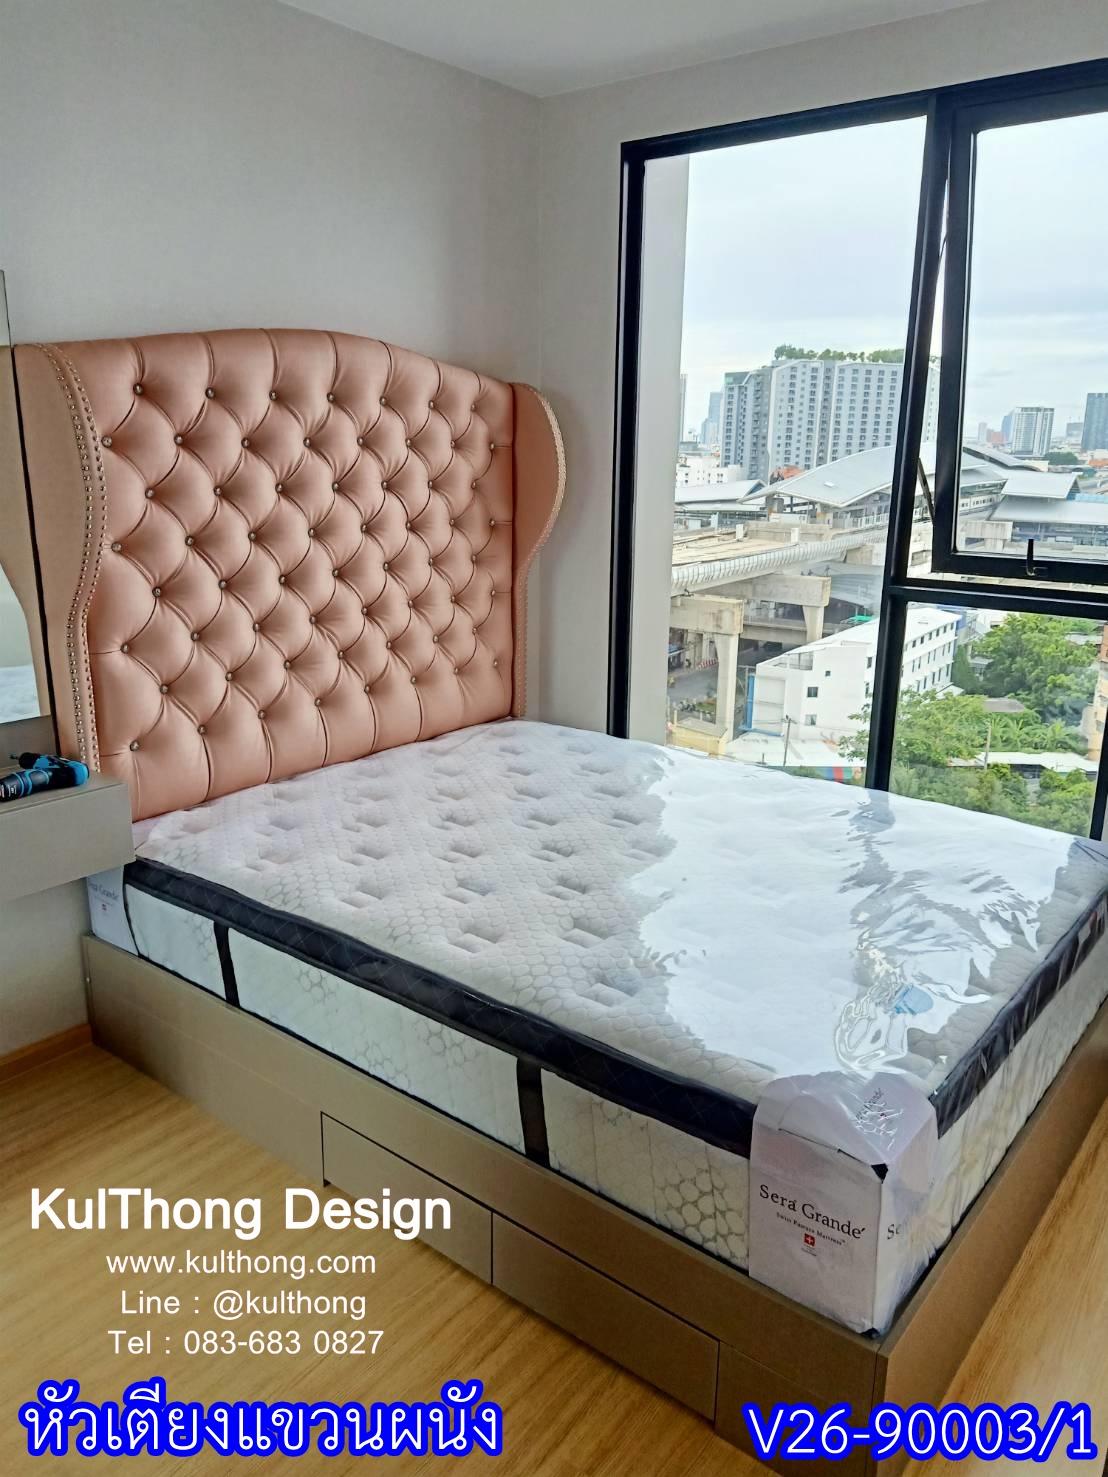 ผนังหัวเตียง บุผนังห้อง หัวเตียงอย่างเดียว